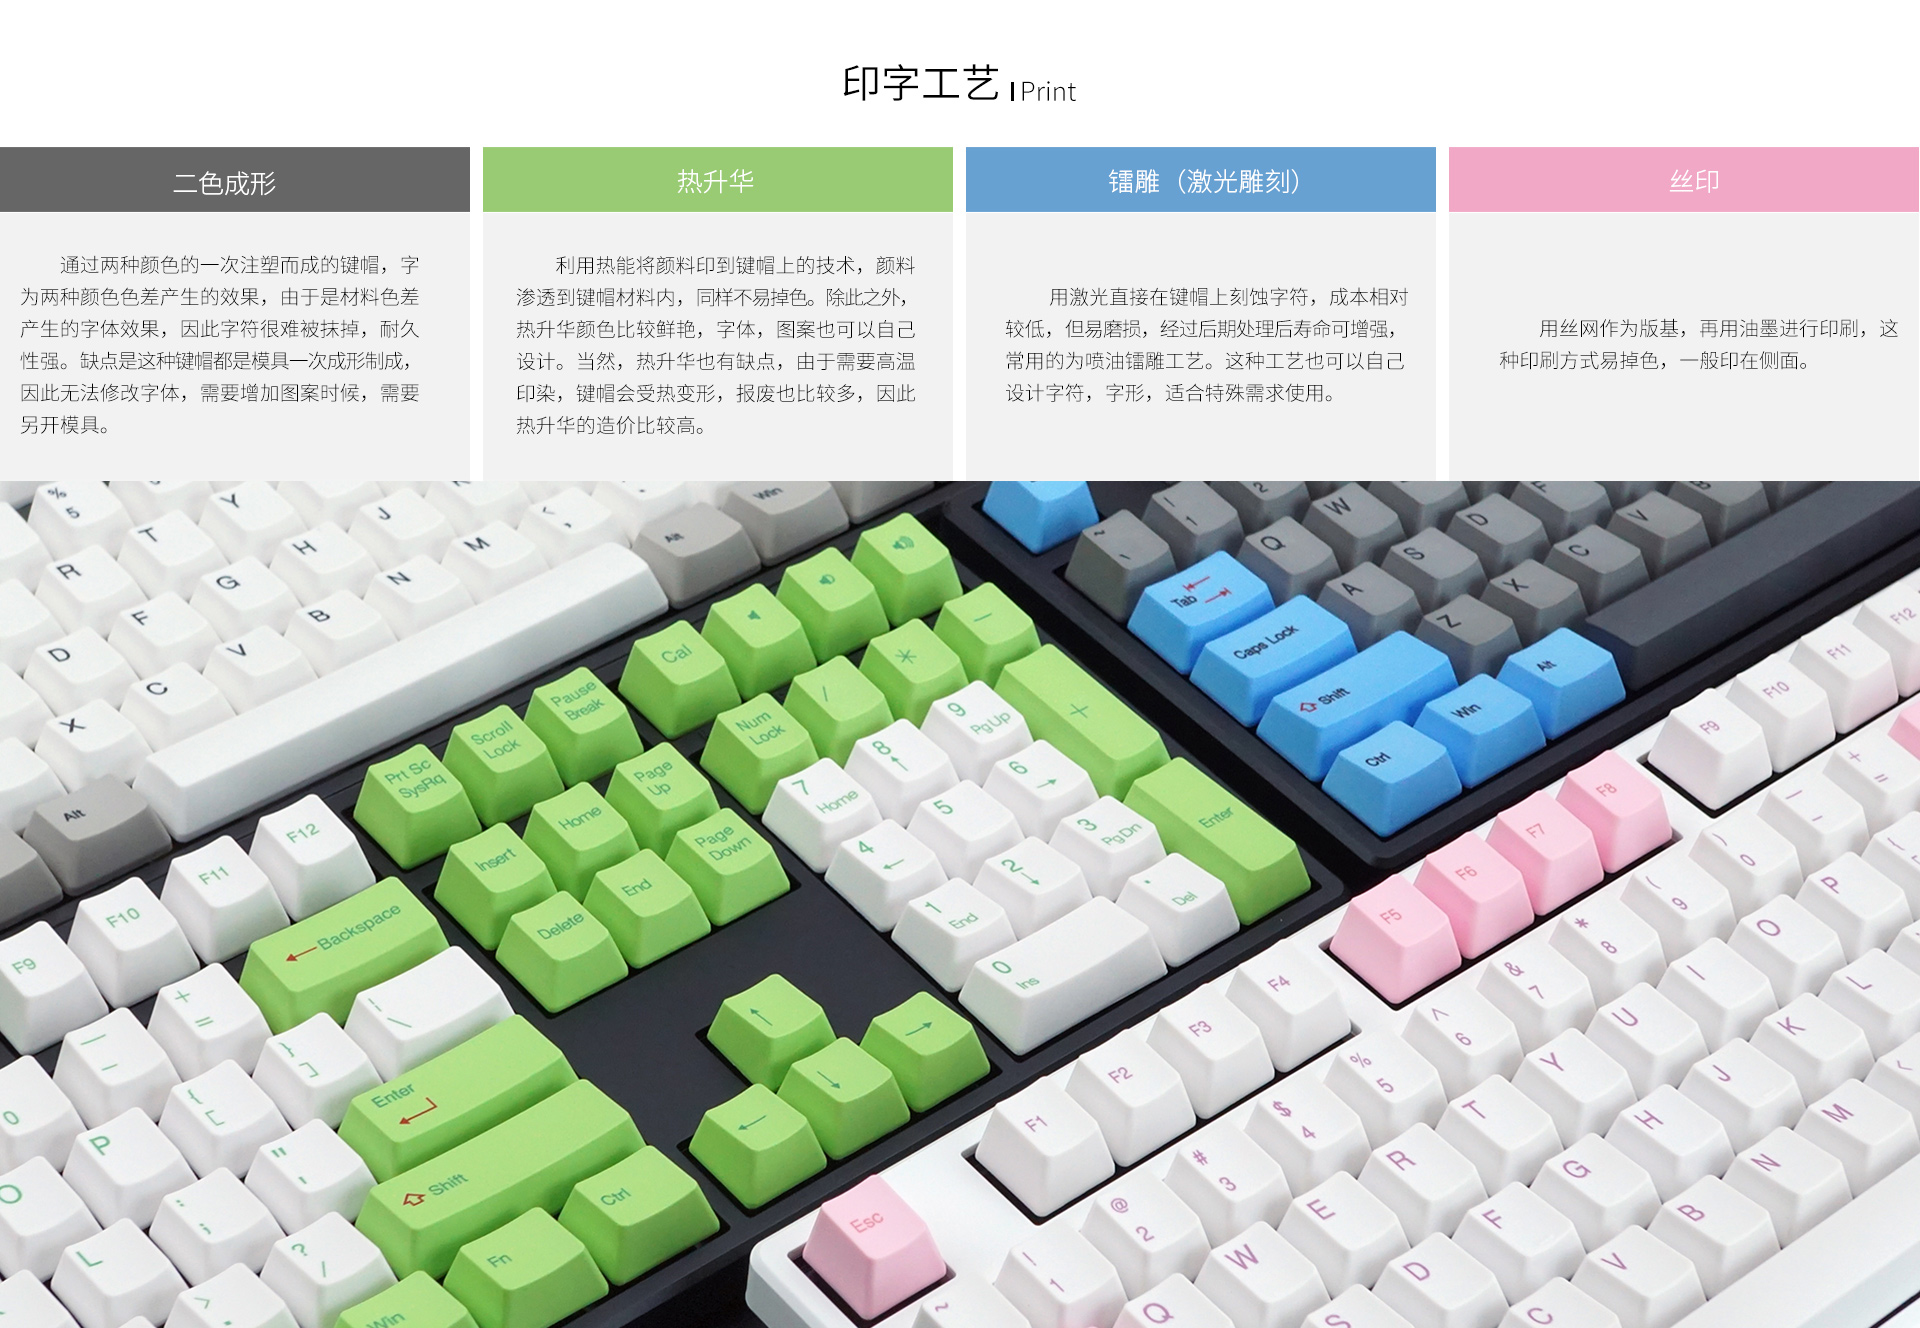 jianmao5